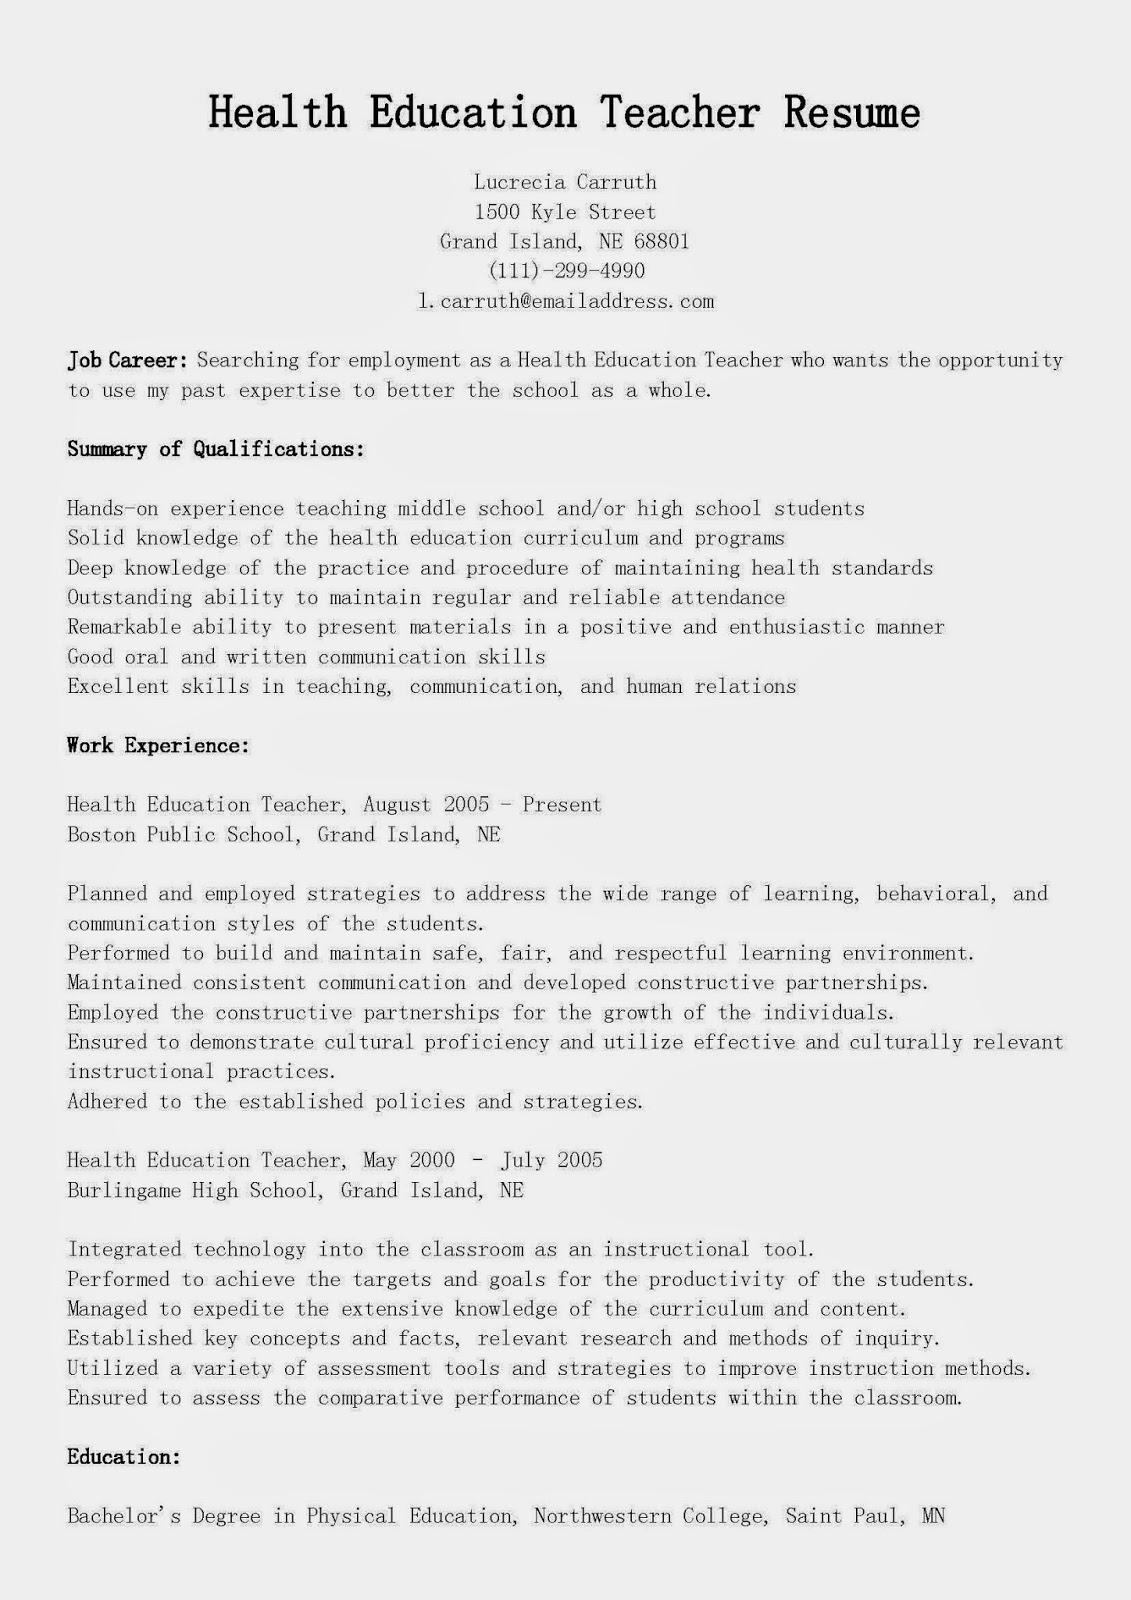 resume samples  health education teacher resume sample